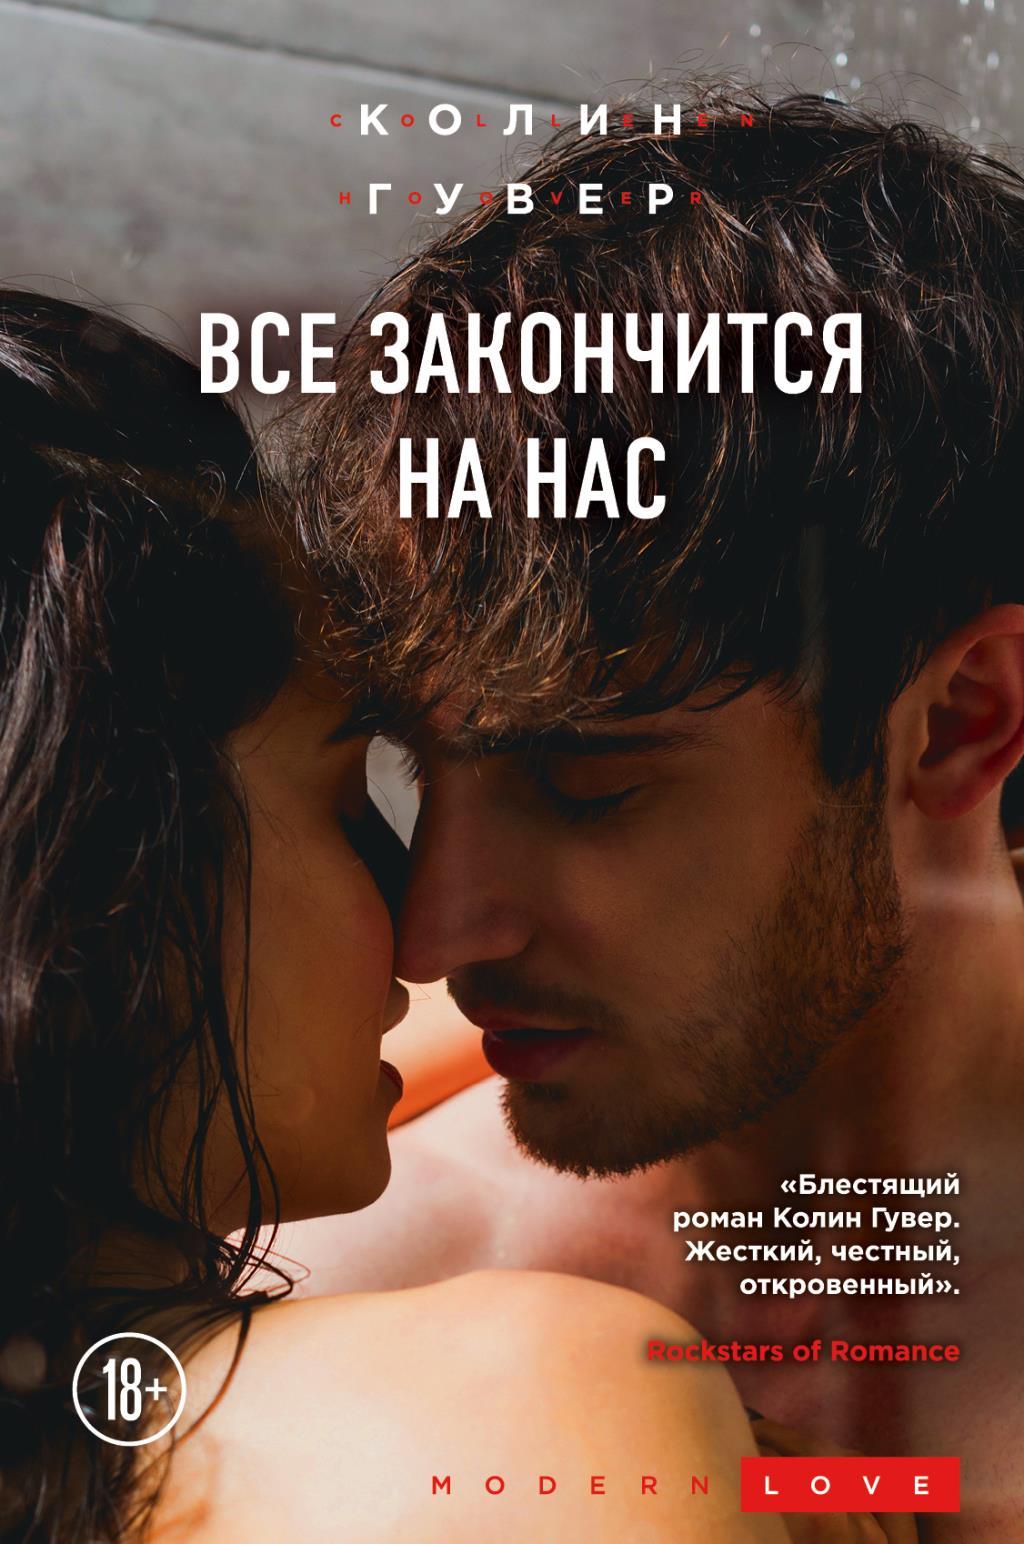 Впервые на русском языке роман «Все закончится на нас» - откровенный разговор о человечности